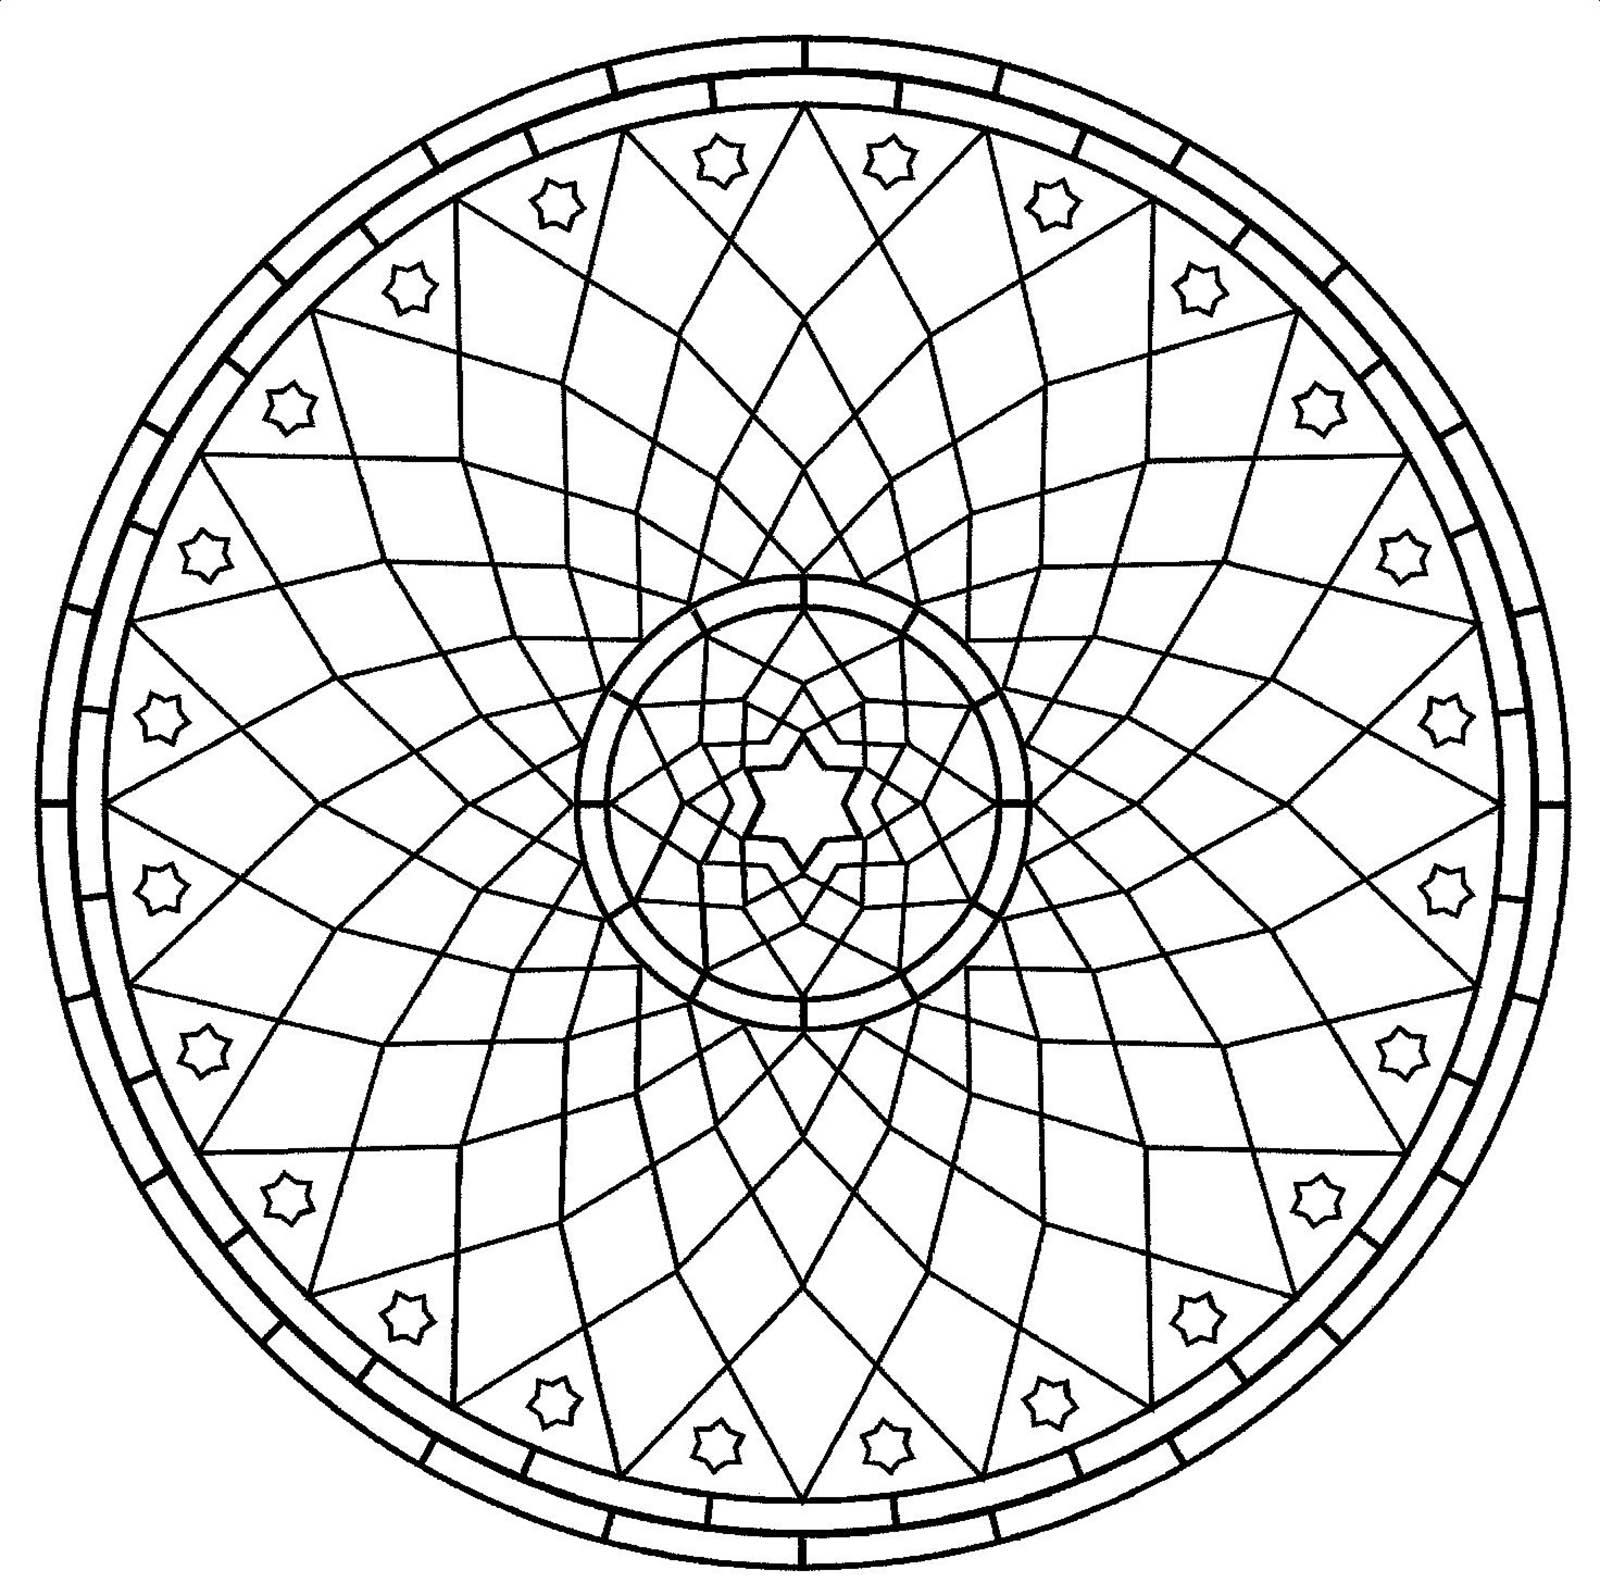 Mandala gratuit rosace mandalas avec motifs g om triques 100 mandalas zen anti stress - Coloriage de rosace ...